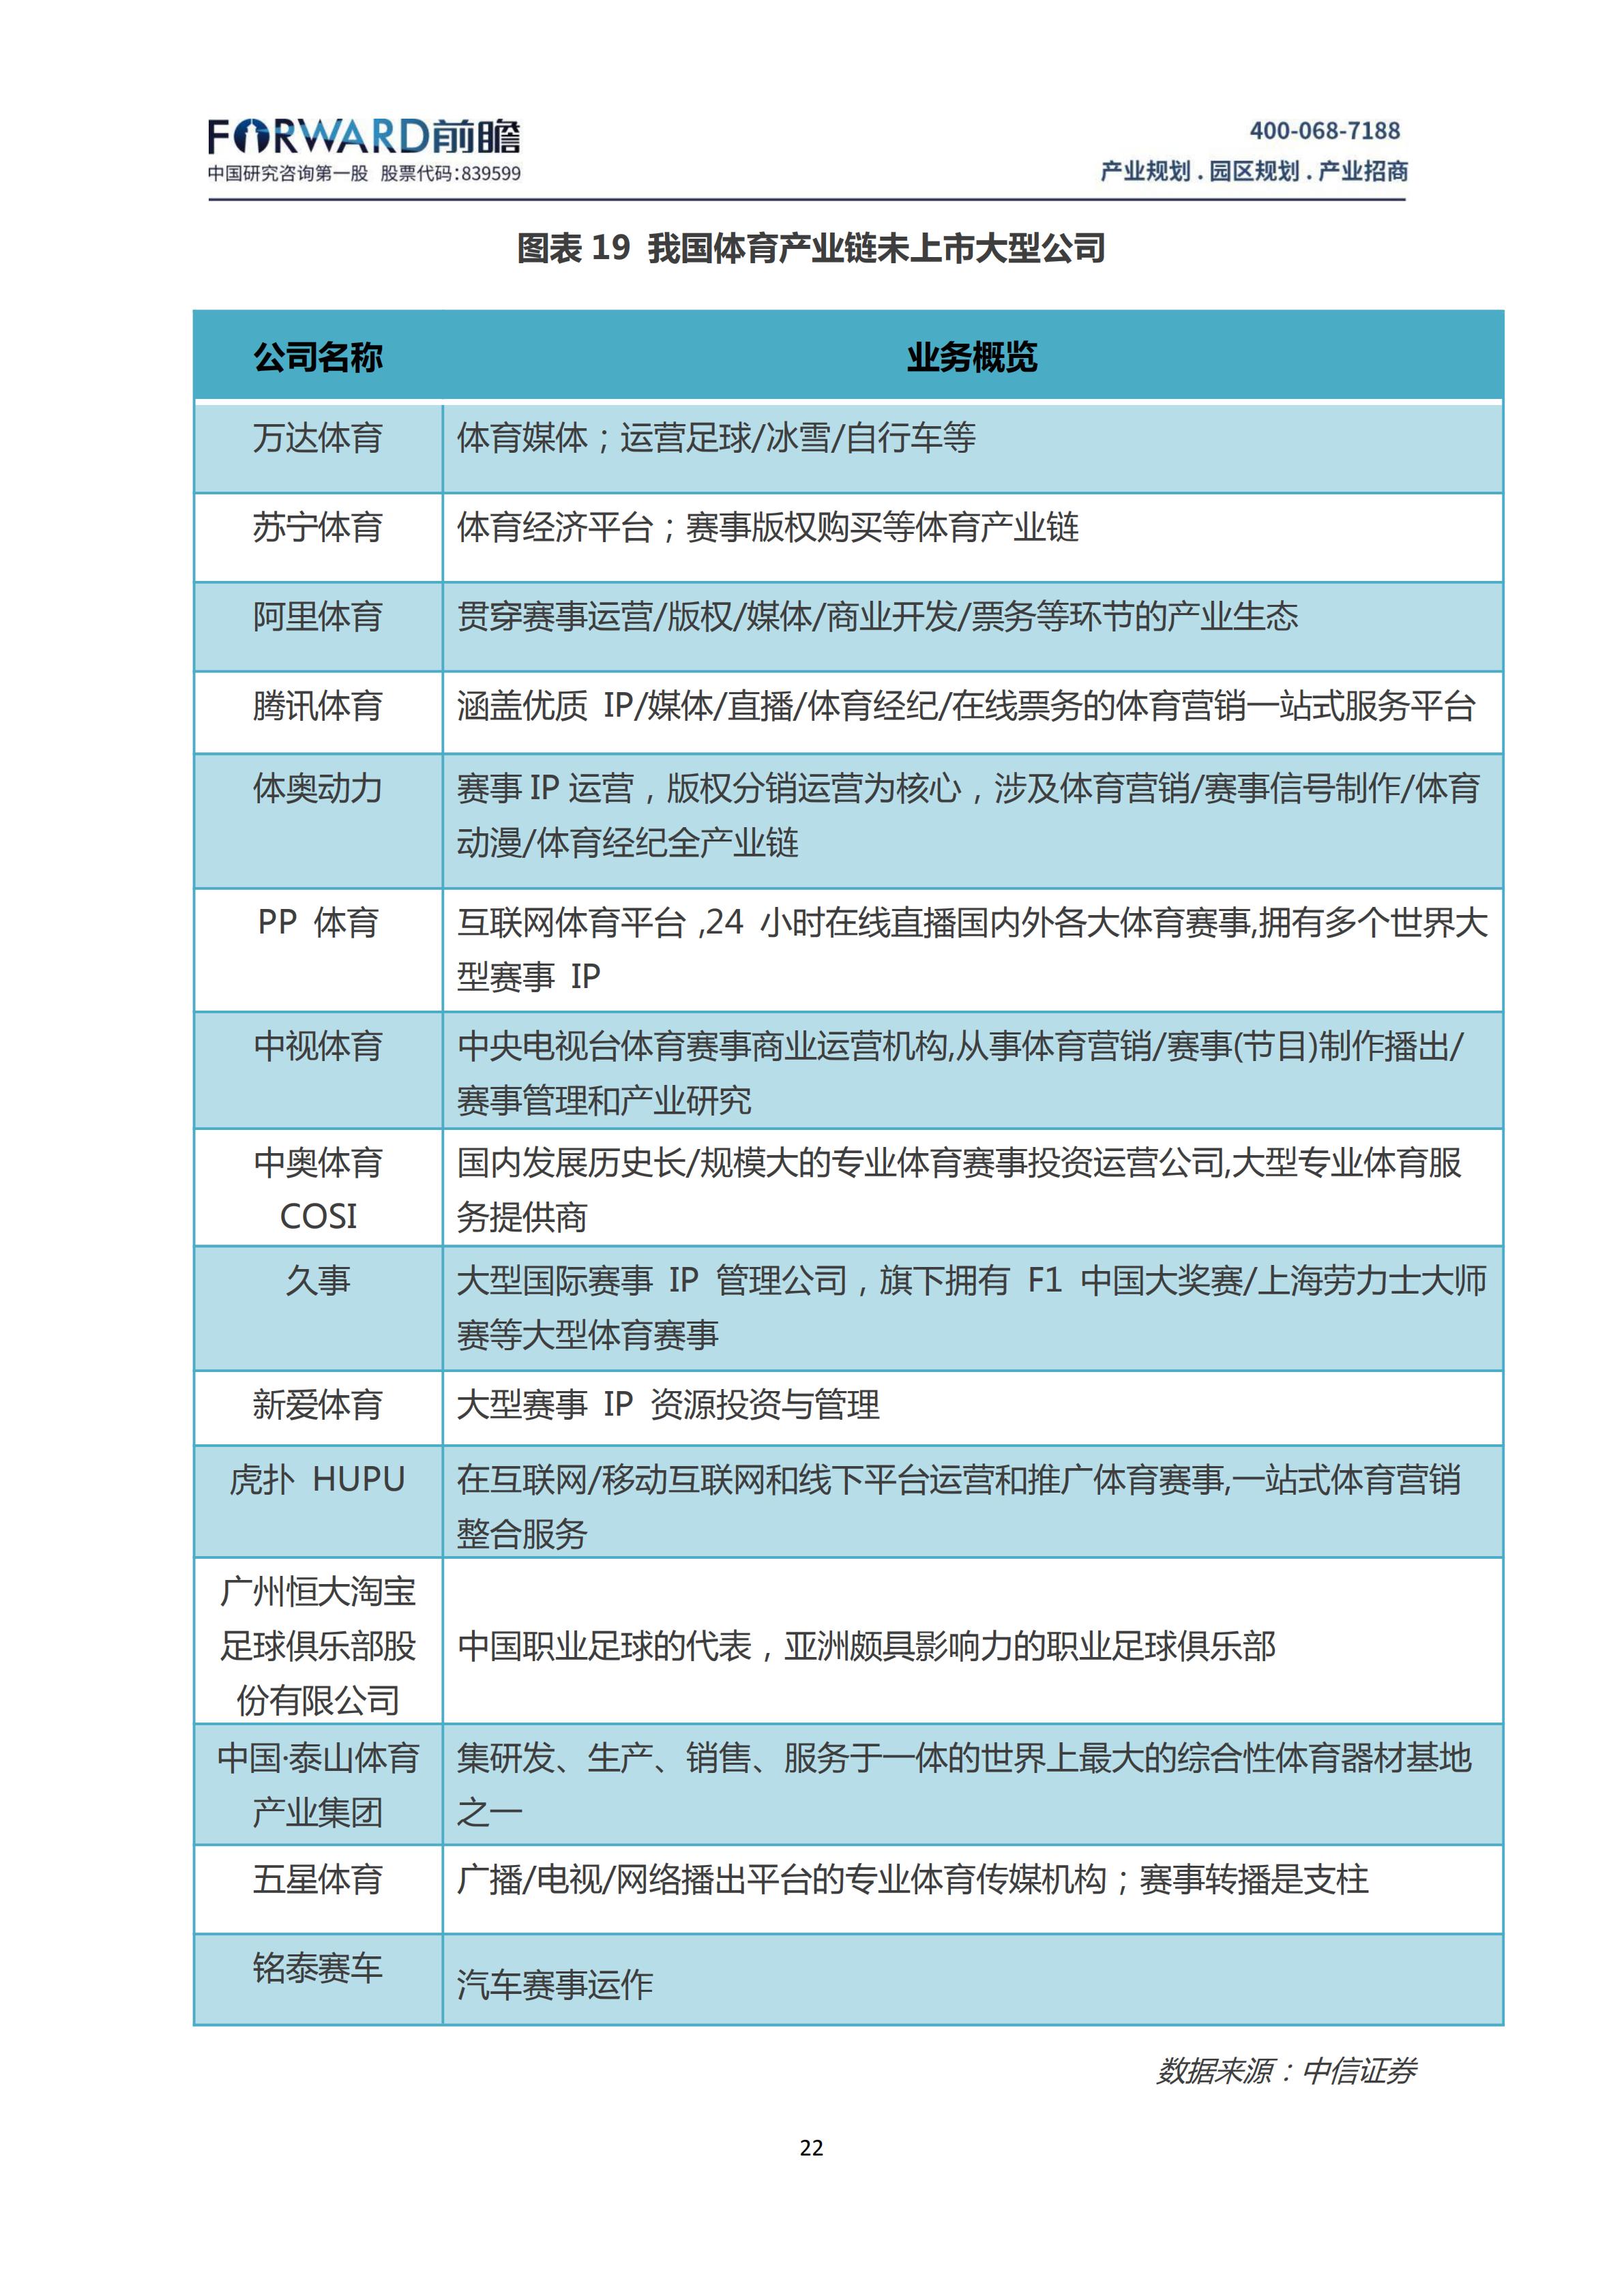 中国大健康产业发展现状及趋势分析_23.png